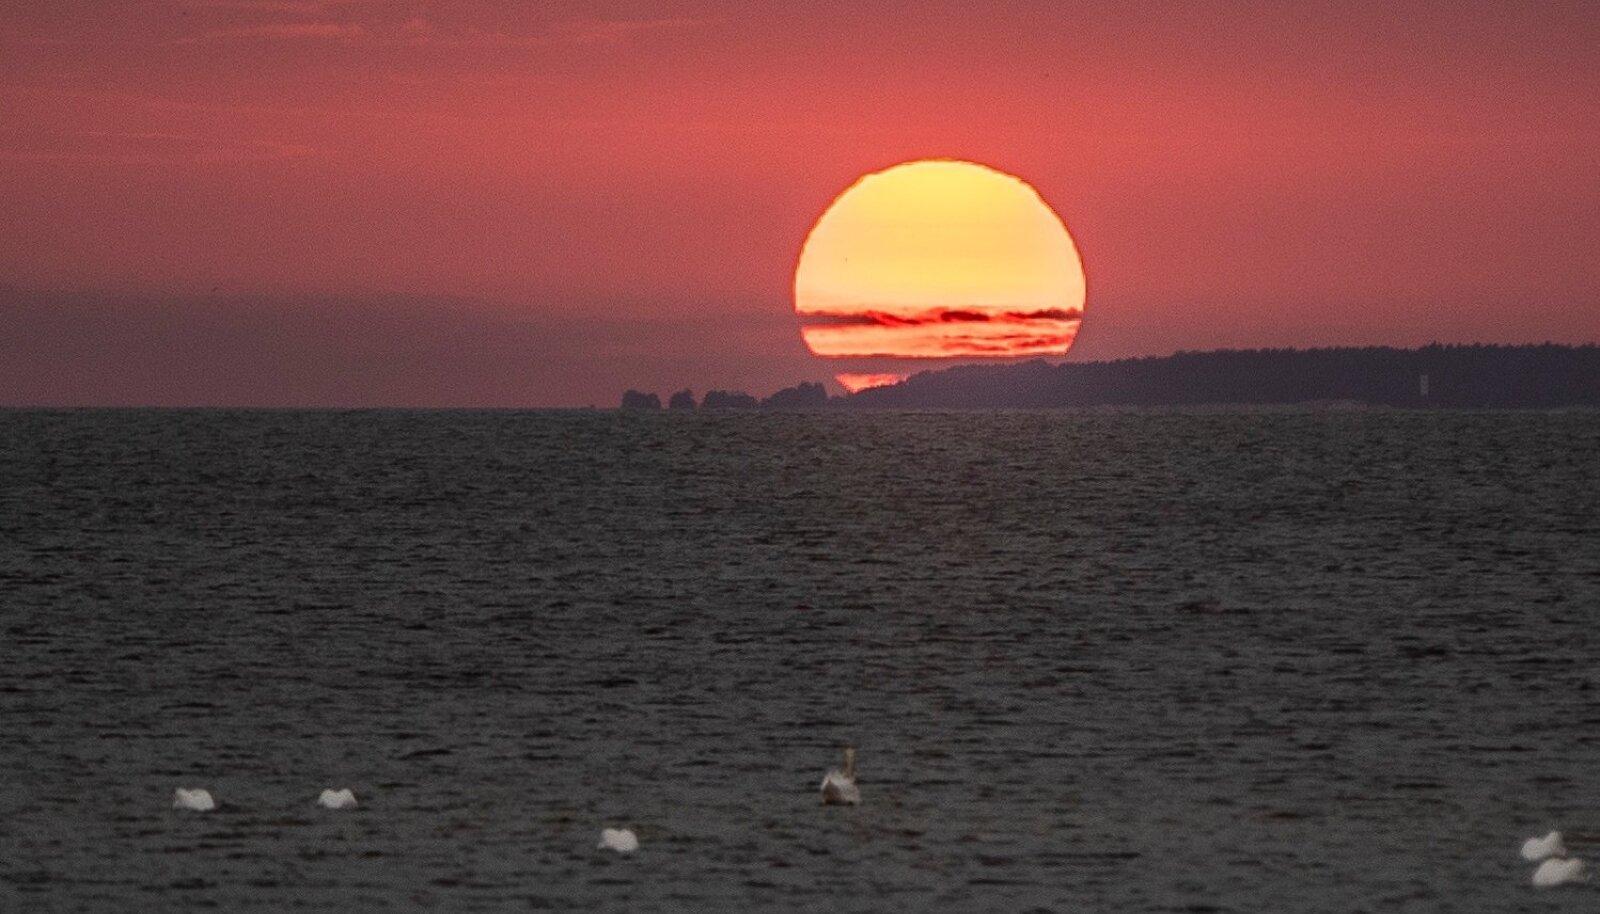 Olgem rahul oma Päikesega, mis Maast parajal kaugusel asudes jagab meile piskut oma hiigelkuumusest.